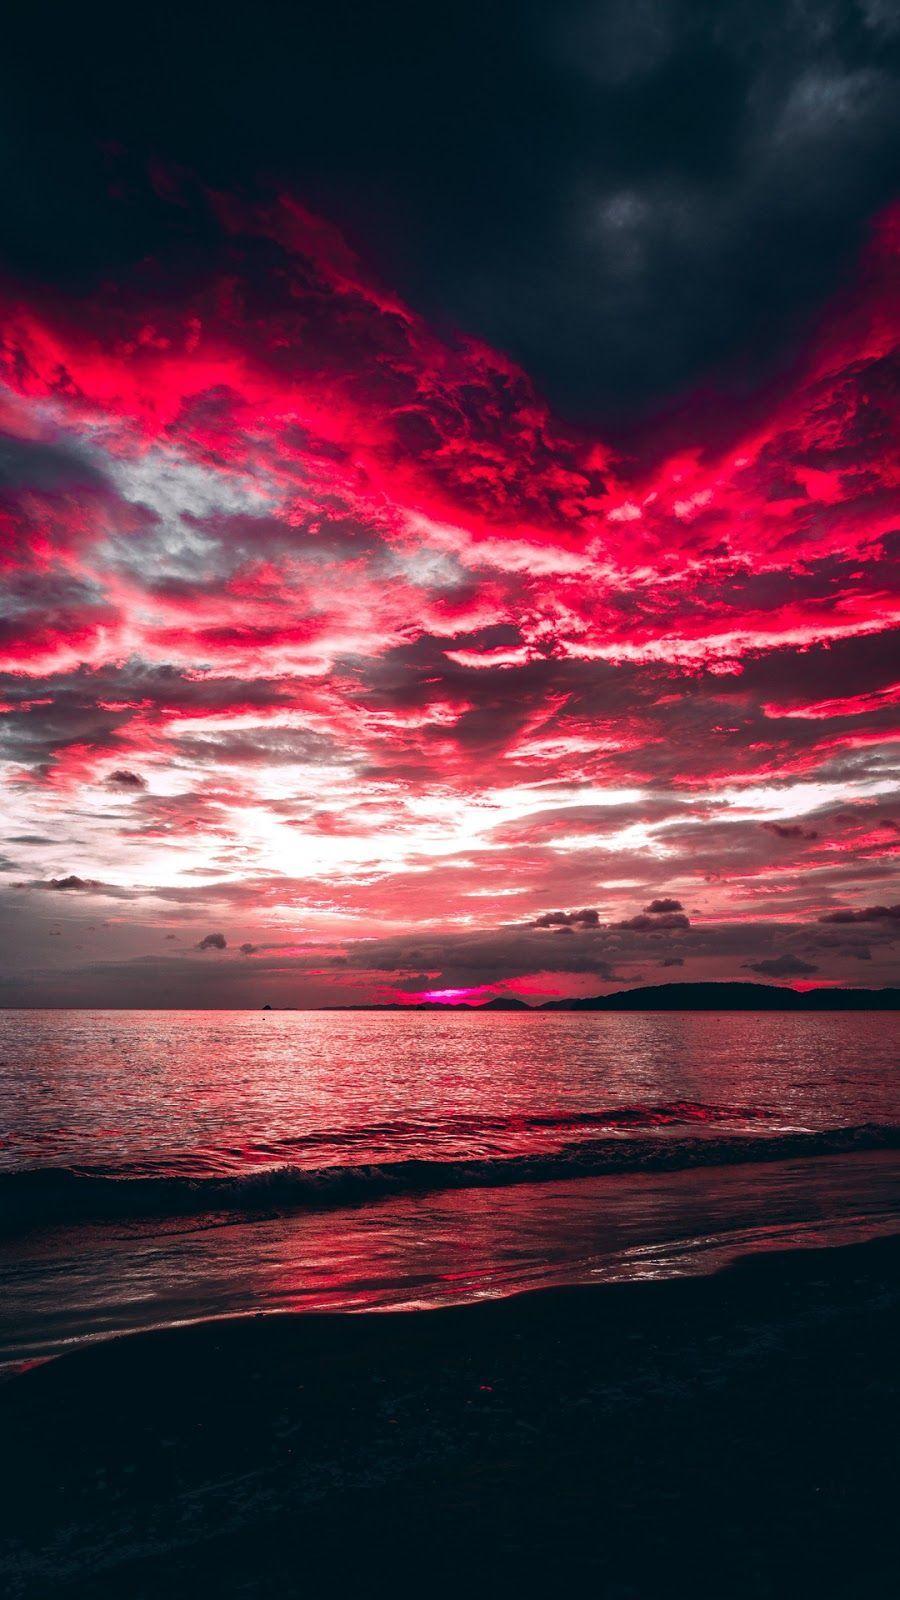 Red Clouds Fotografie De Peisaj Valurile Oceanului Fundaluri